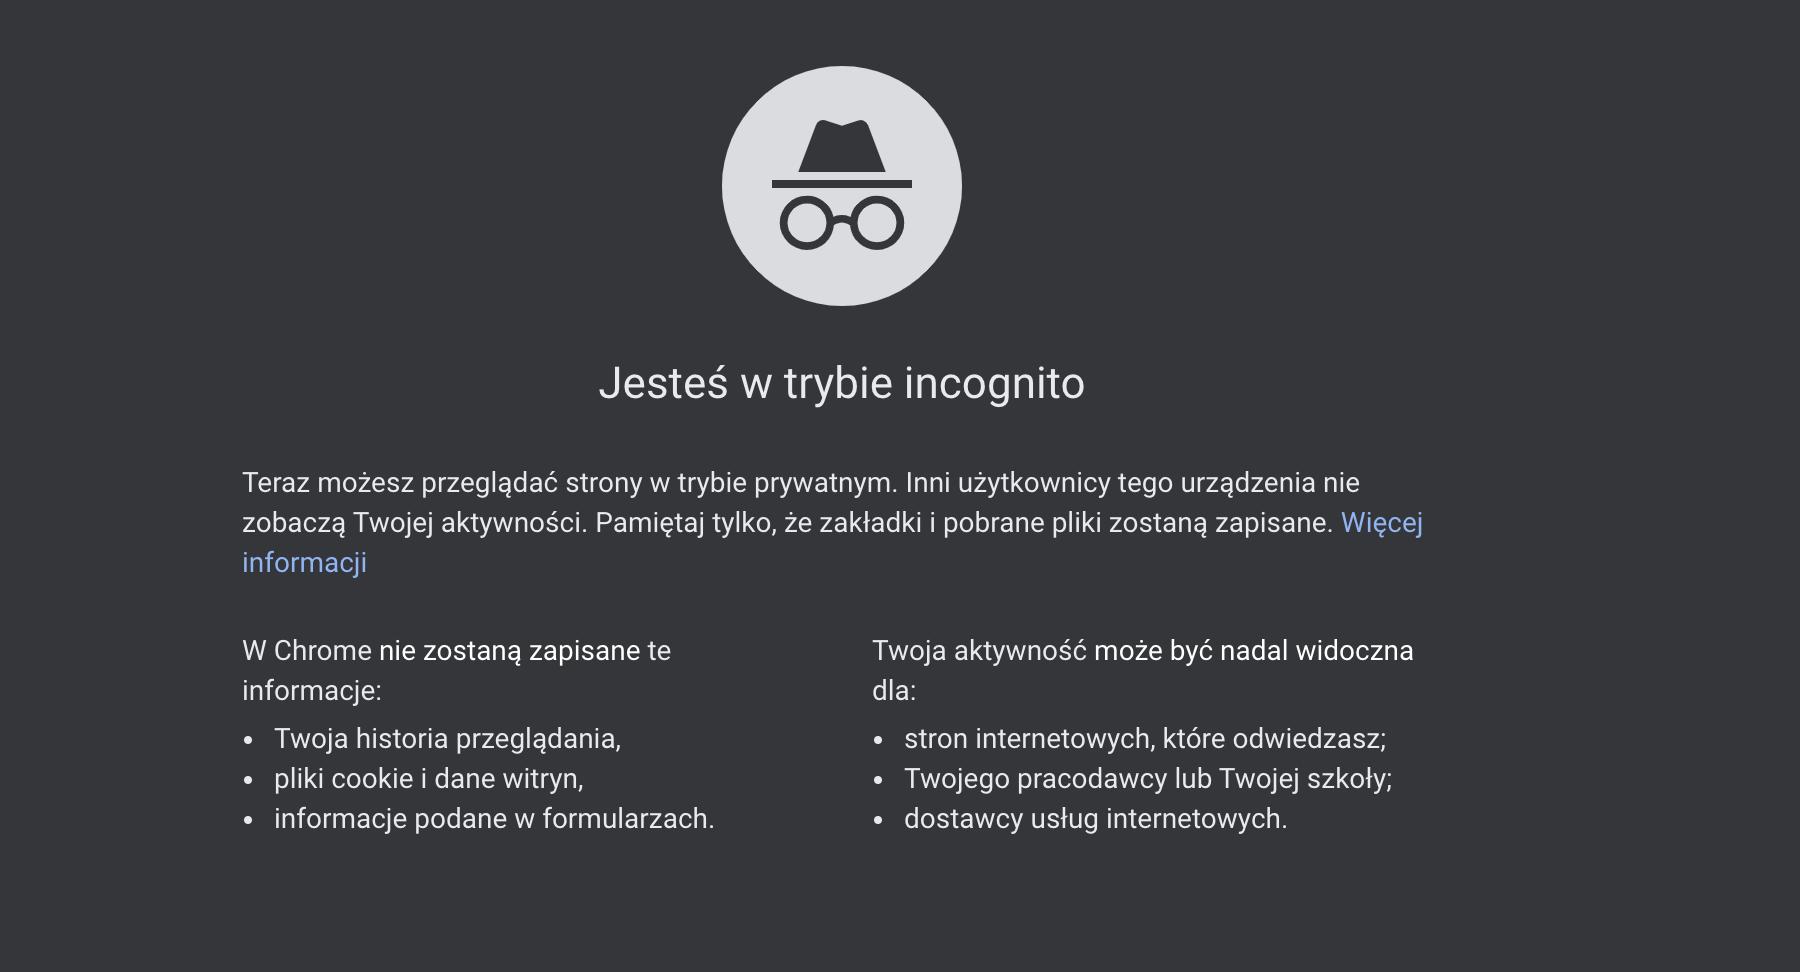 Tryb incognito w Chrome nieskuteczny? Google pozwane za zbieranie danych